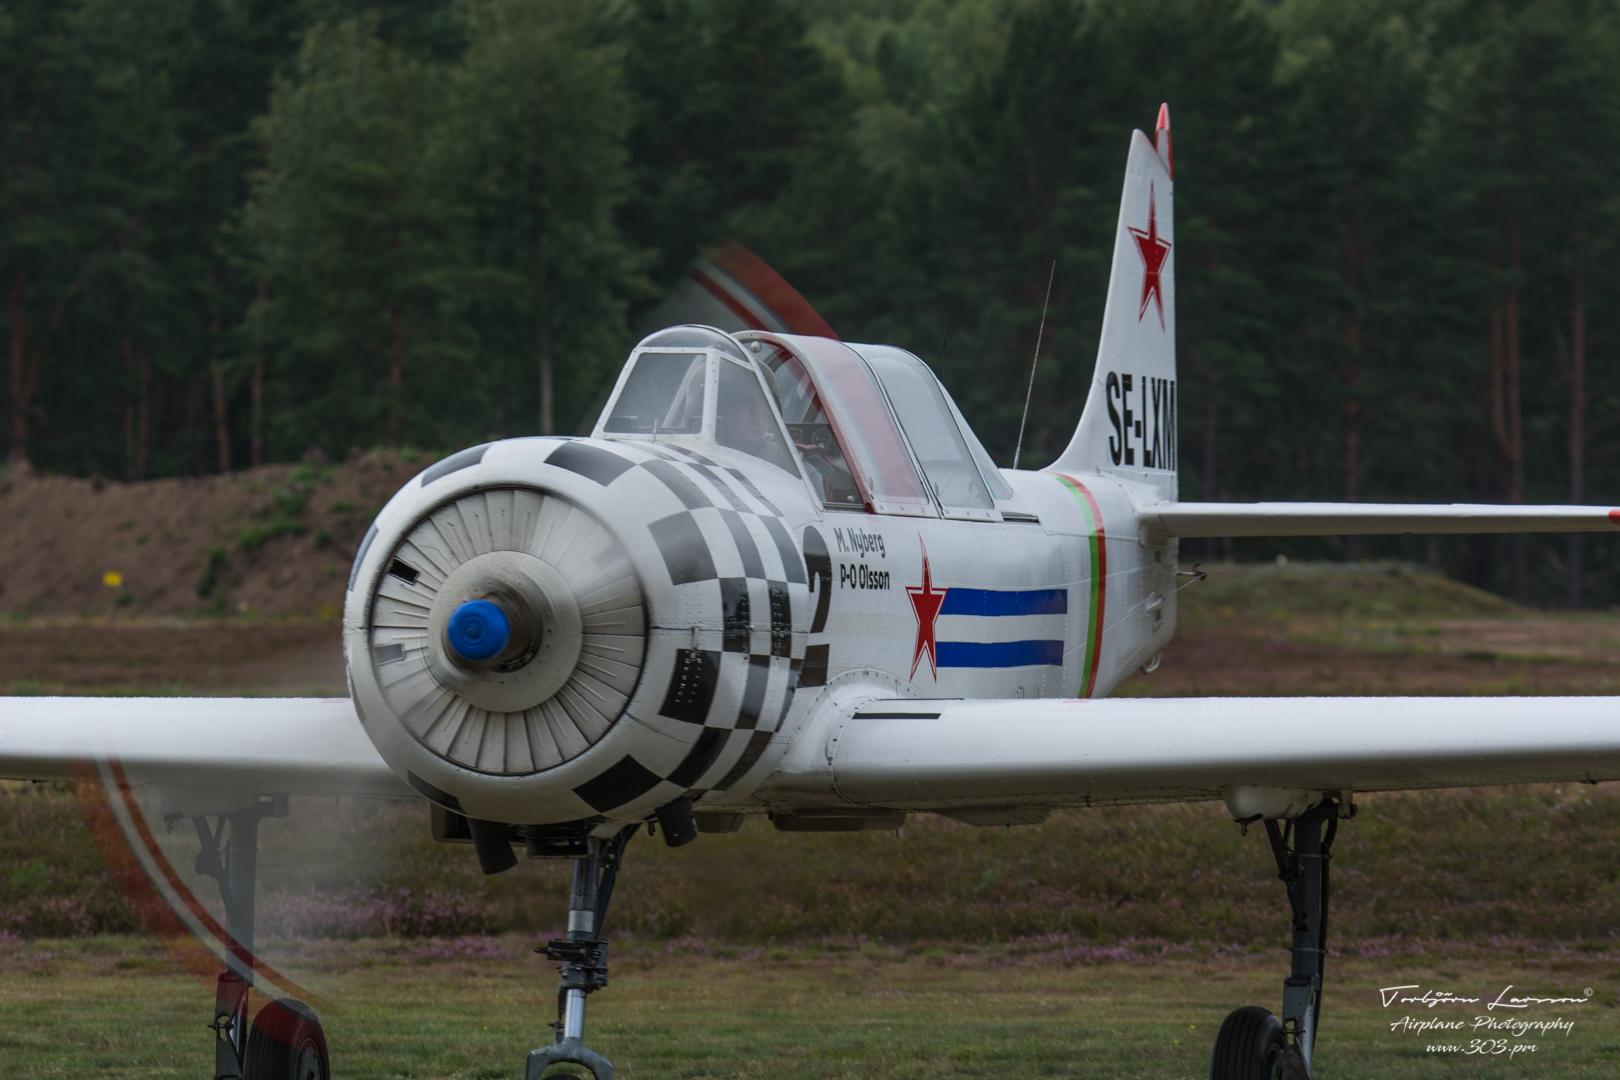 TBE_1399-Yak-52 (SE-LXM)